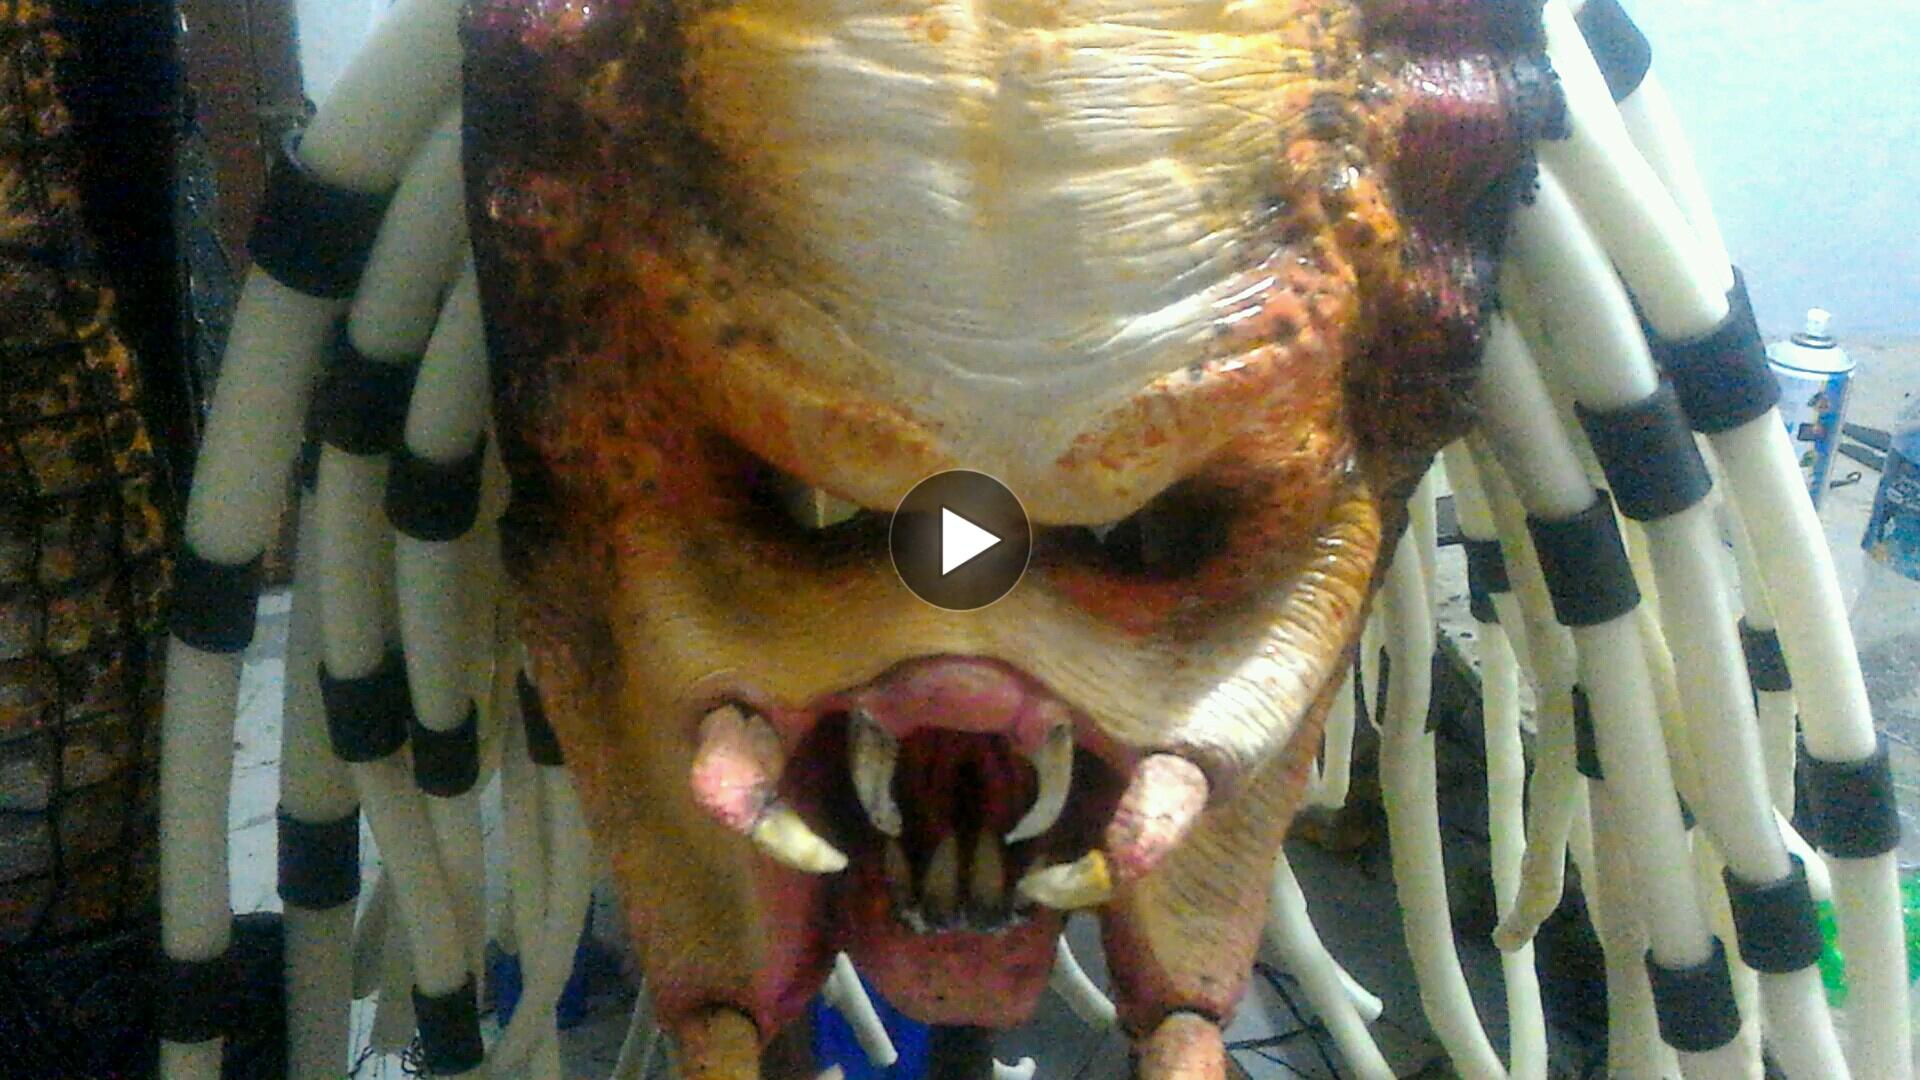 Making predator costume